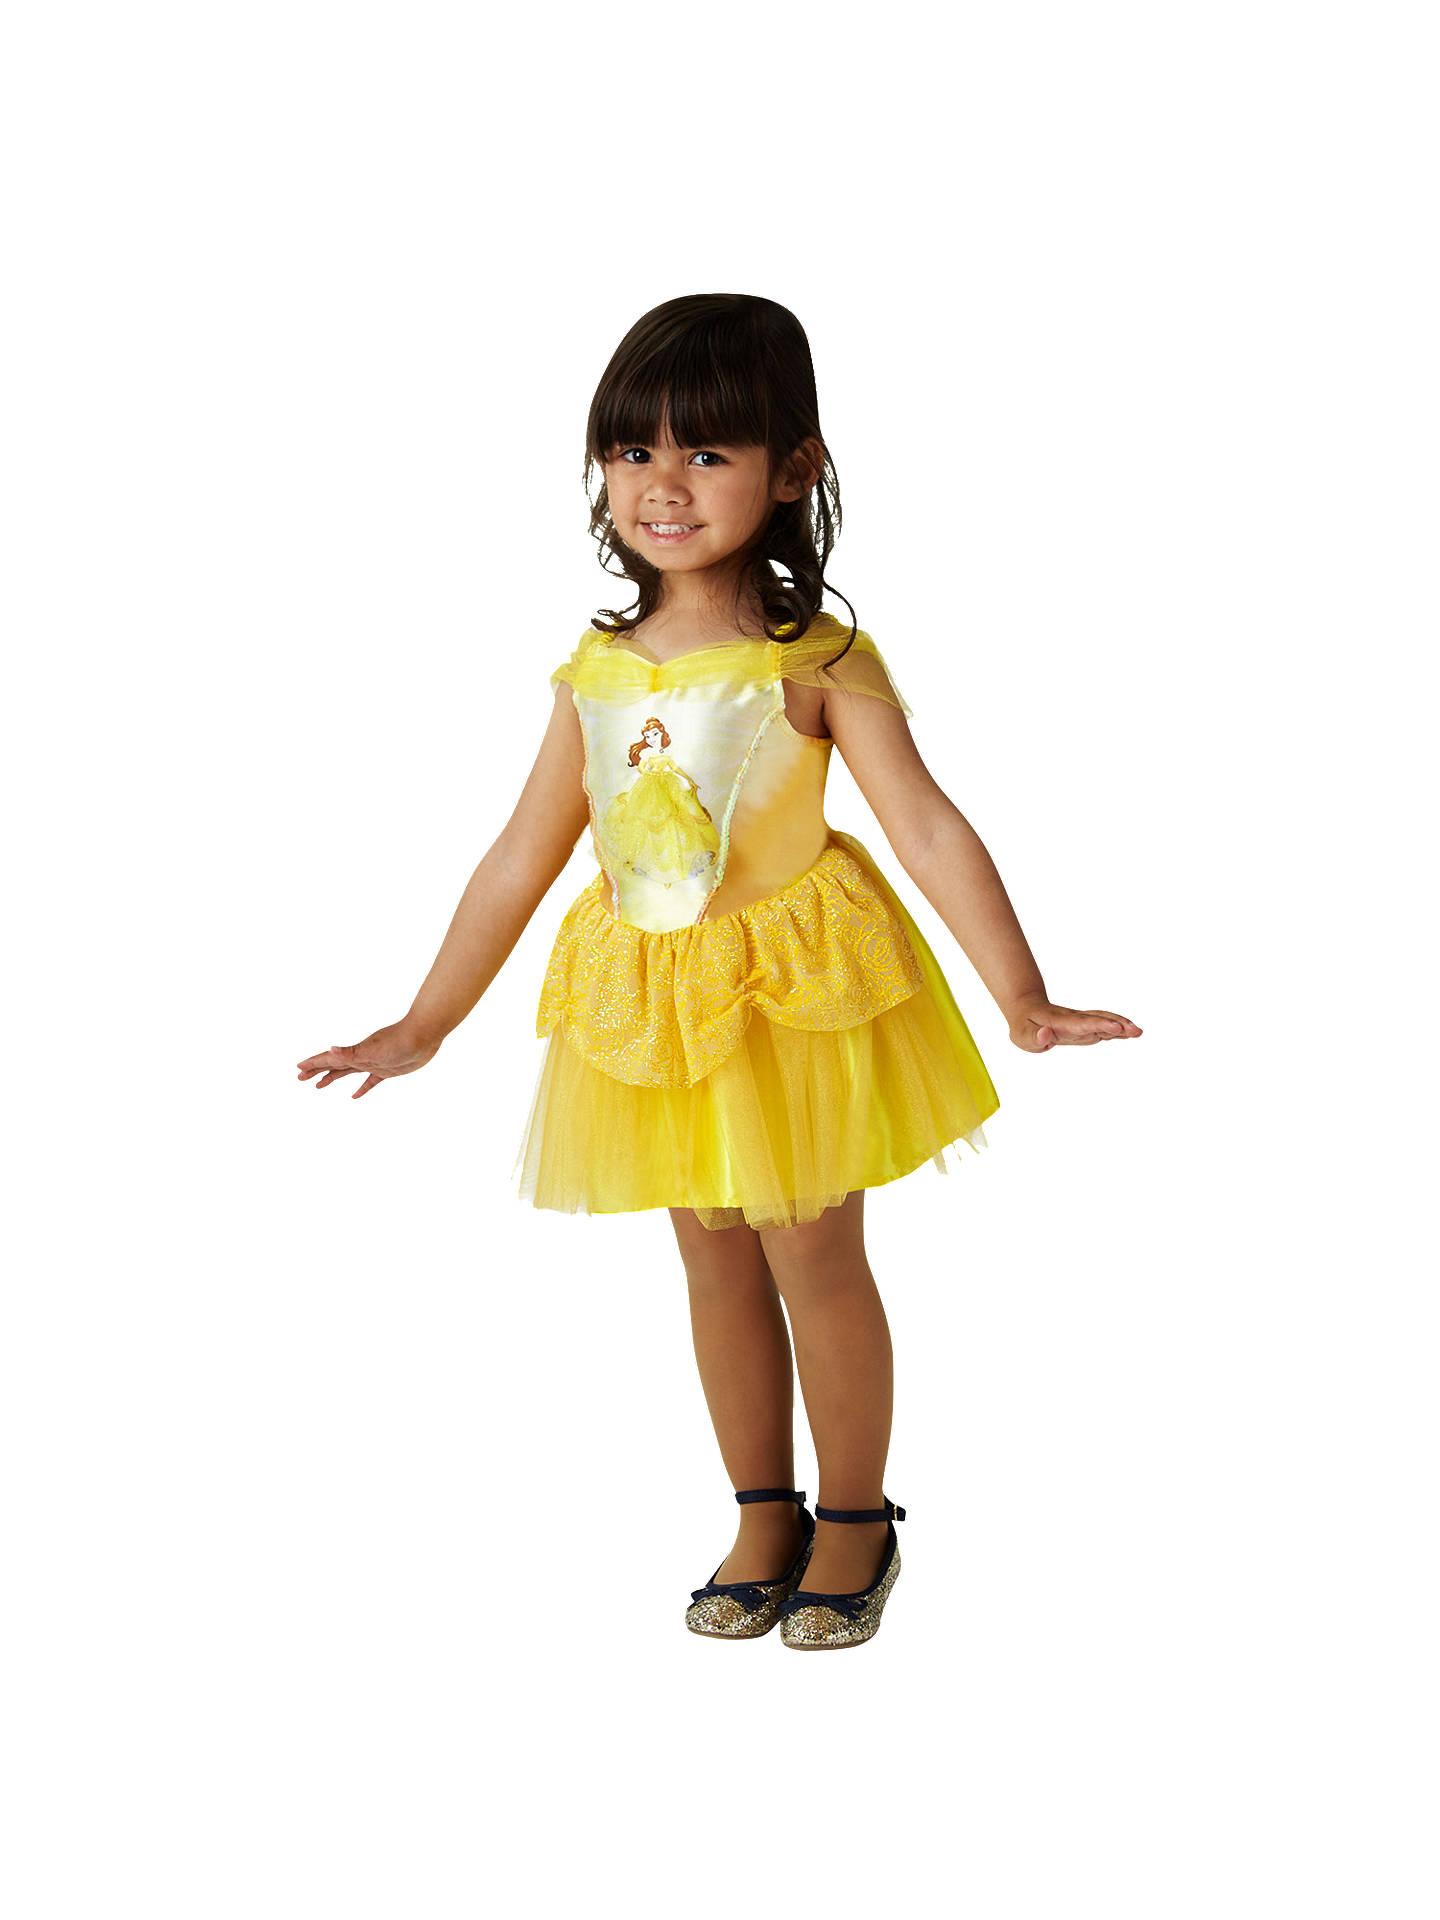 Ballerina Belle Dressing Up Costume